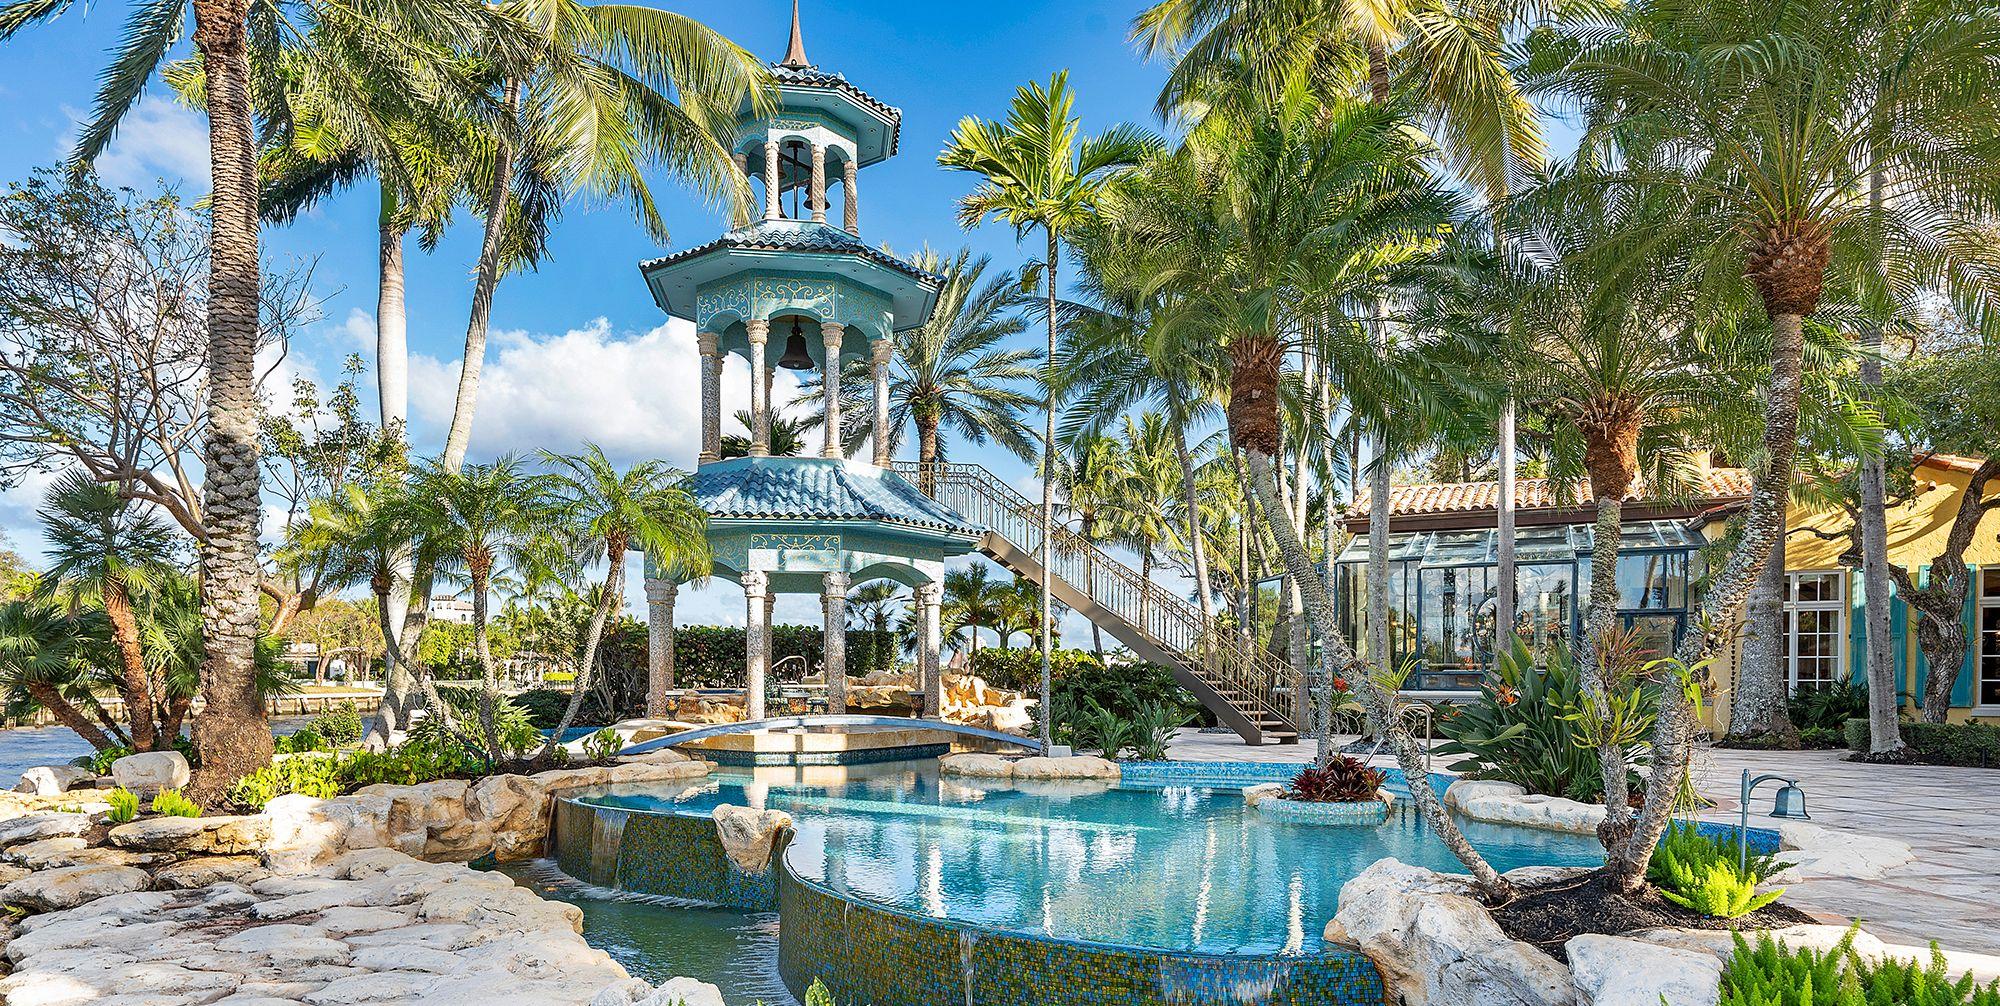 Piscina de la casa del fundador de Blockbuster en Florida